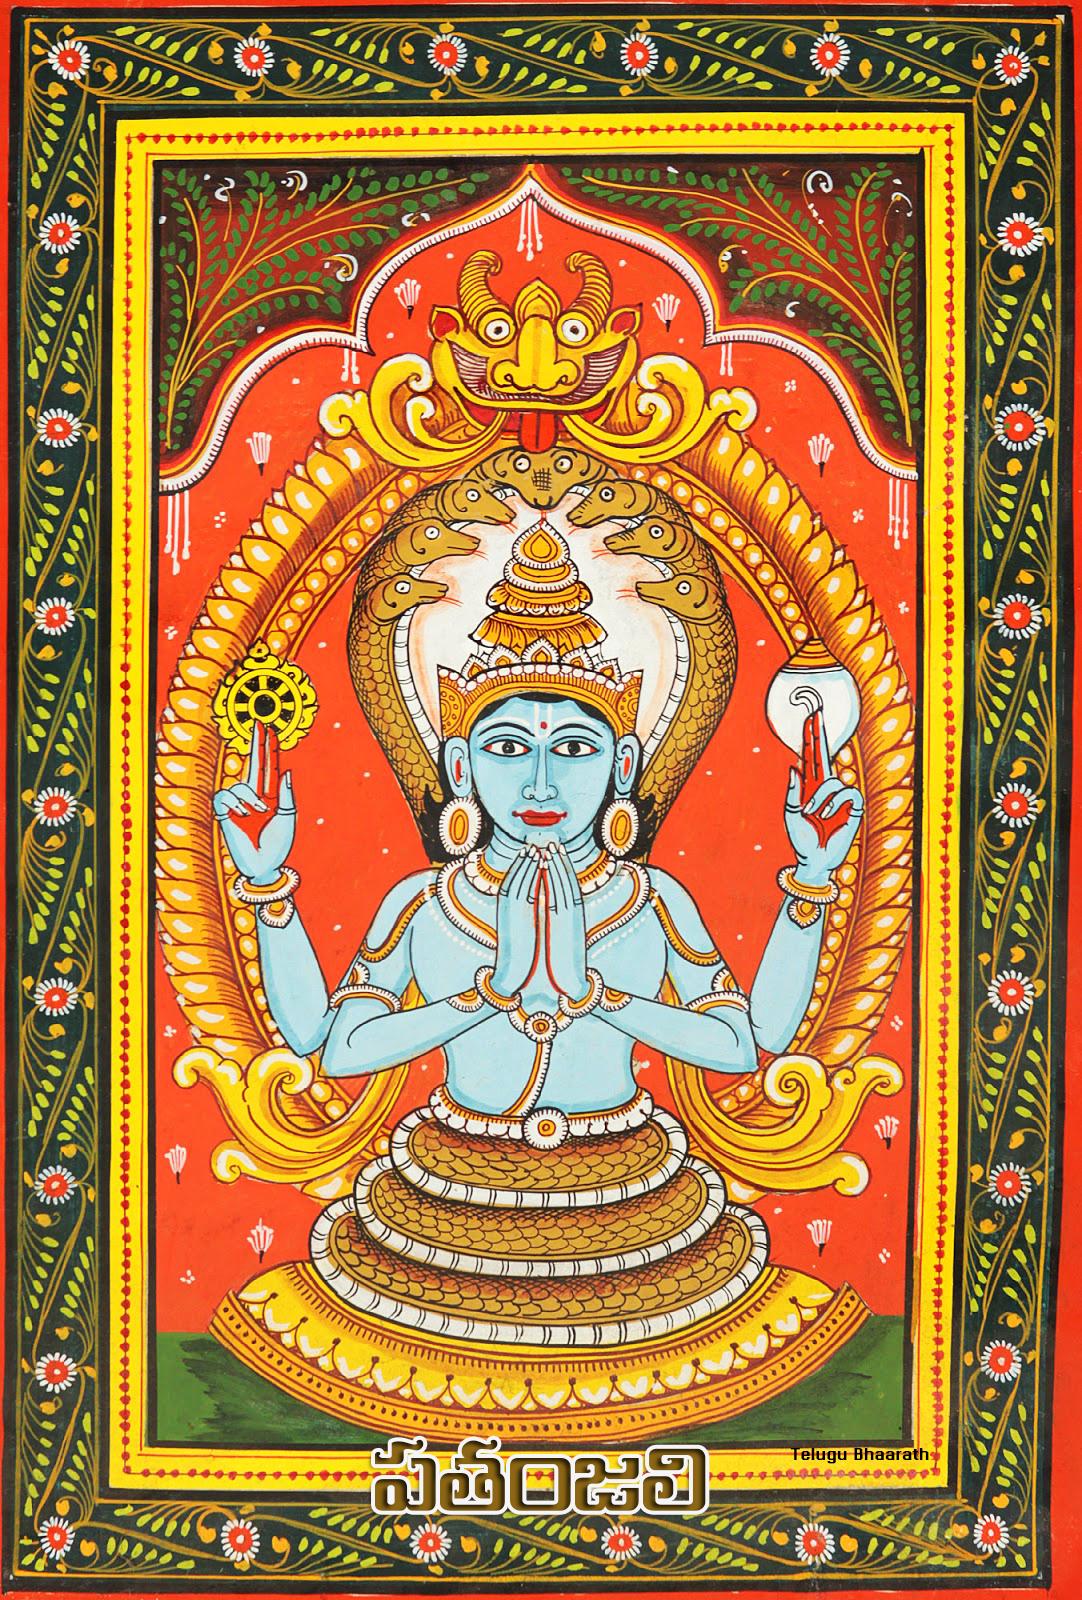 భారతీయ యోగా చరిత్ర - Yoga Charitra, Yoga History